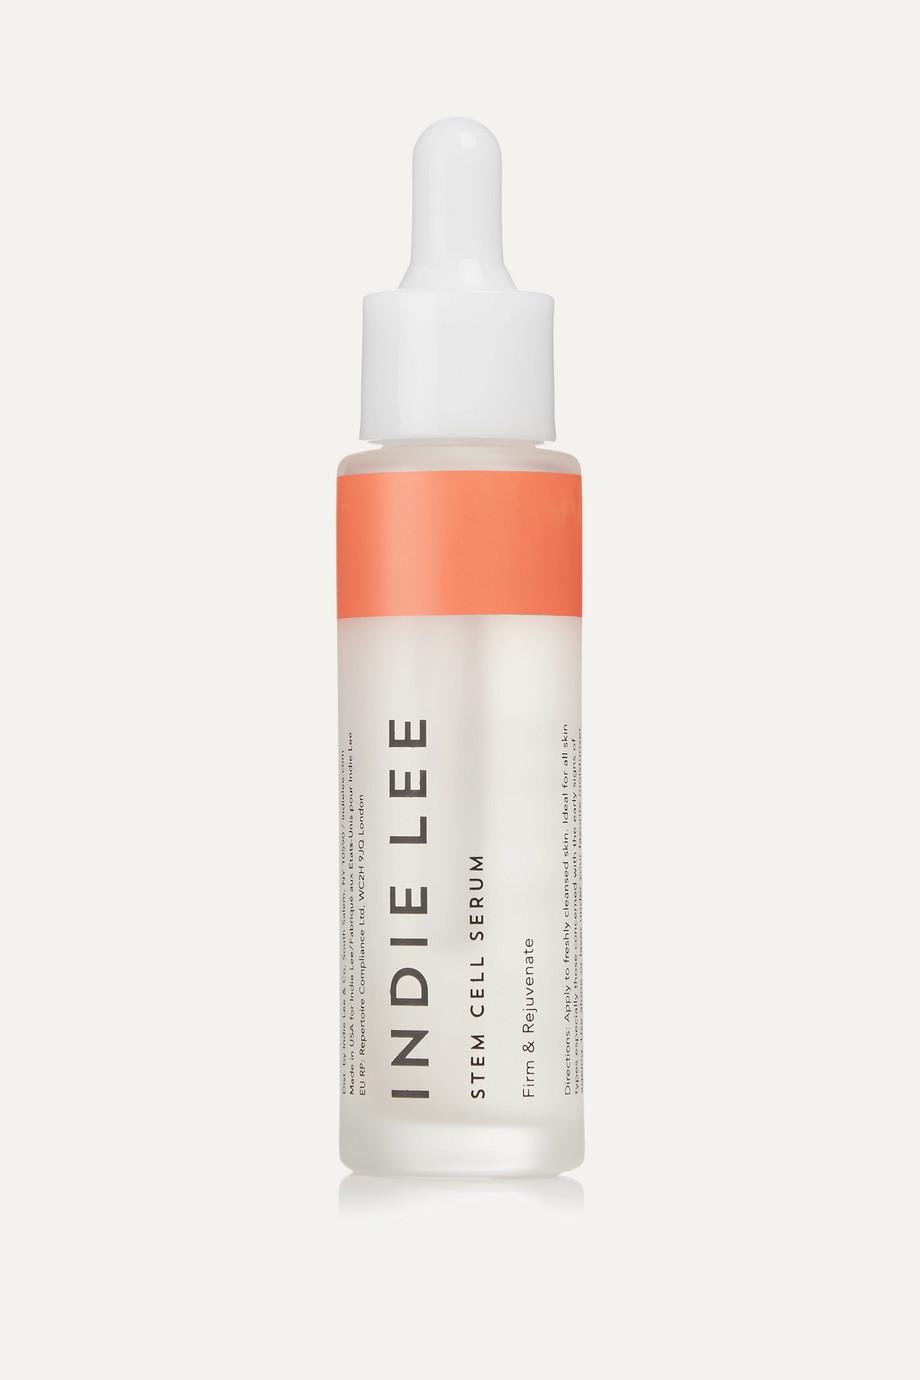 Indie Lee Stem Cell Serum, 30 ml – Serum